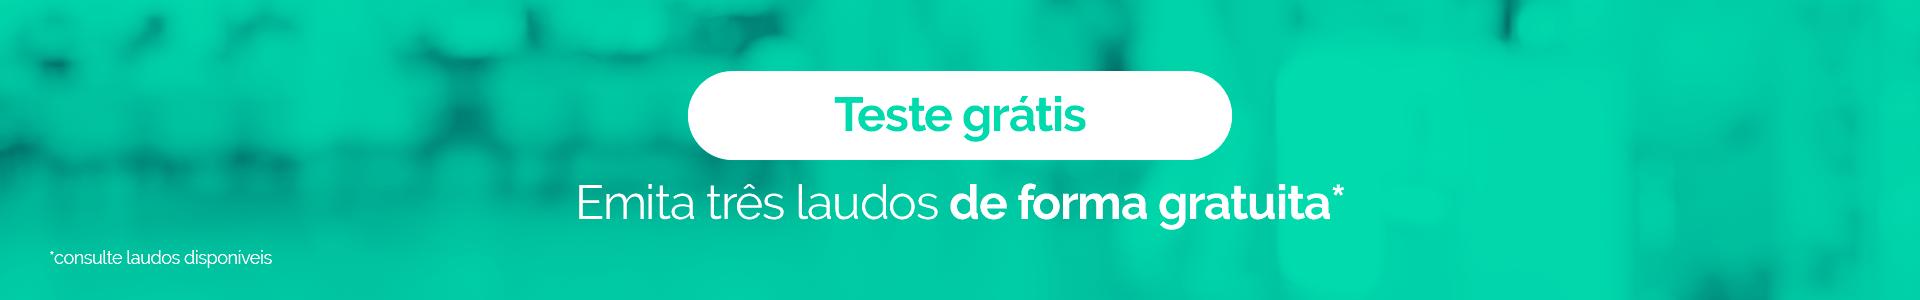 """Banner no artigo """"Telessaúde Brasil Redes"""" para emissão de laudos gratuitos"""